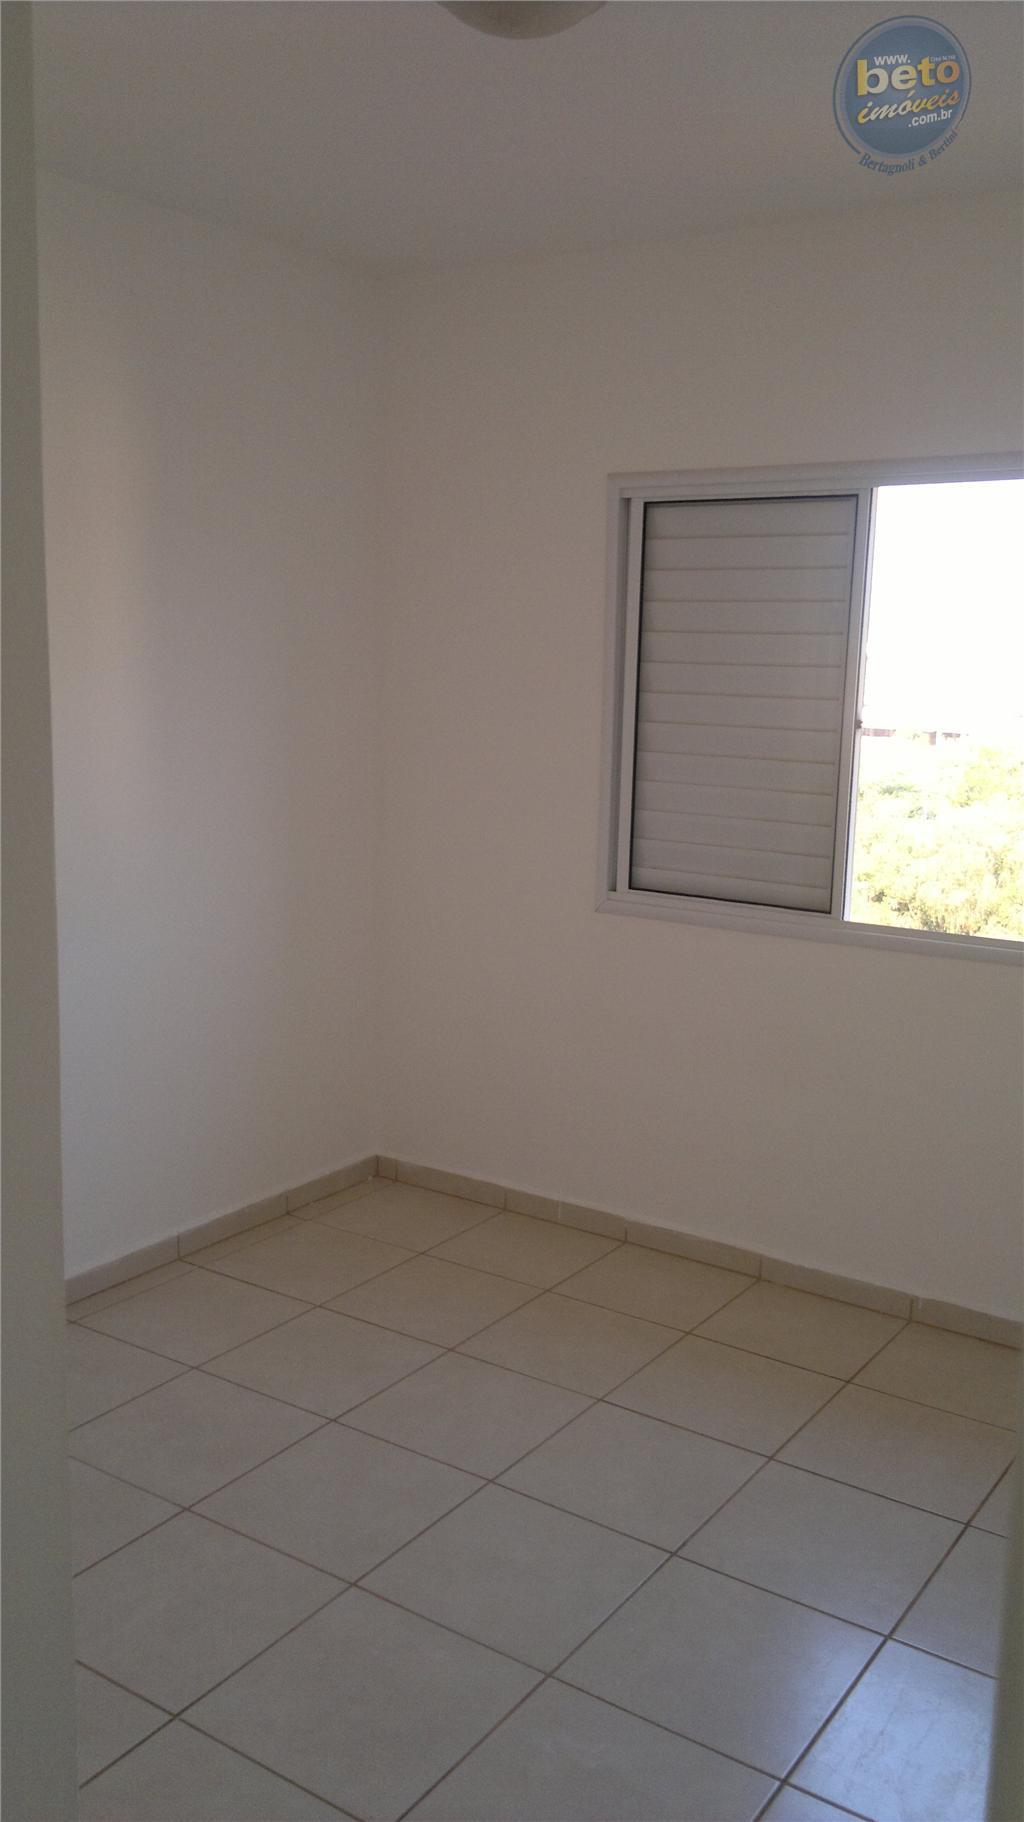 Apartamento residencial para locação, Jardim das Rosas, Itu.